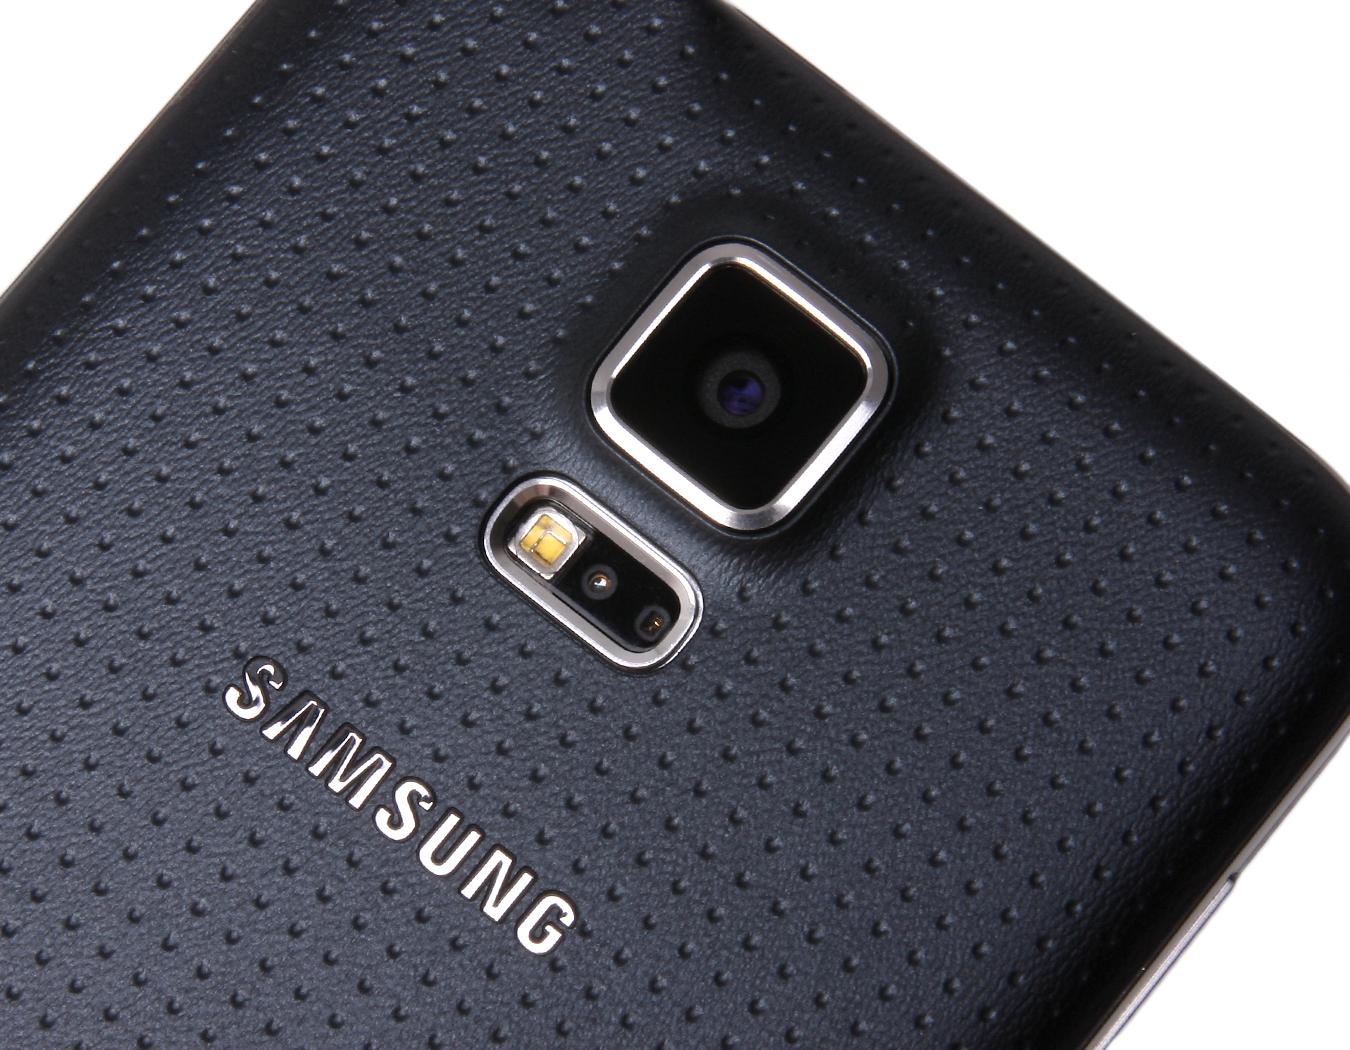 Bericht: Galaxy S6 heimlich auf der CES, aber Samsung feilt noch am Design